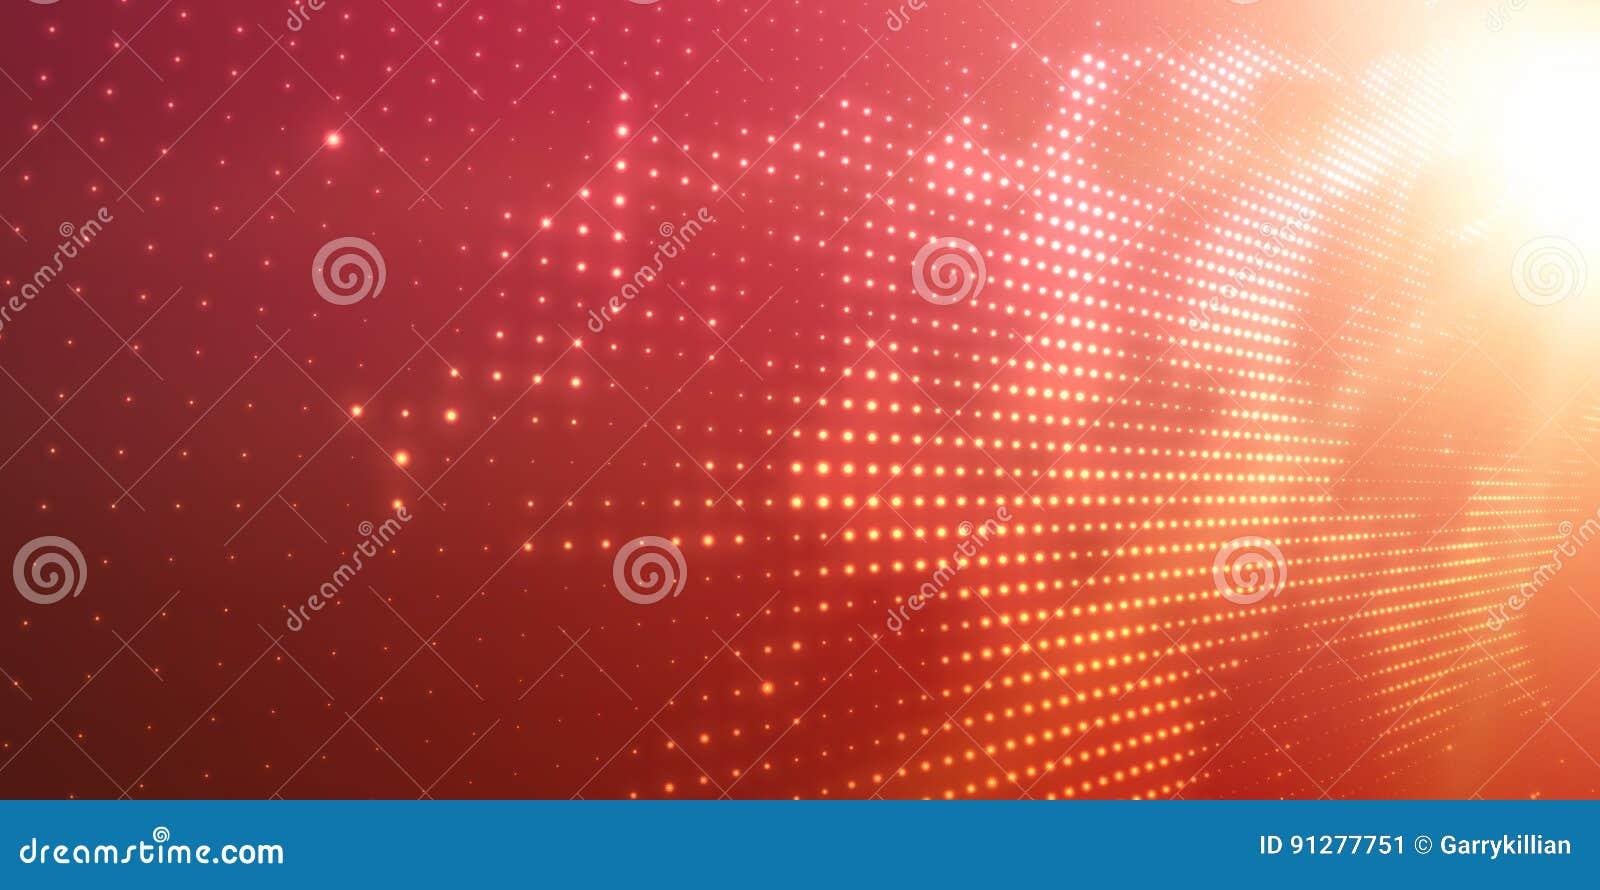 Abstrakt vektorbakgrund med glänsande neonljus Neontecken med abstrakt bild i perspektiv